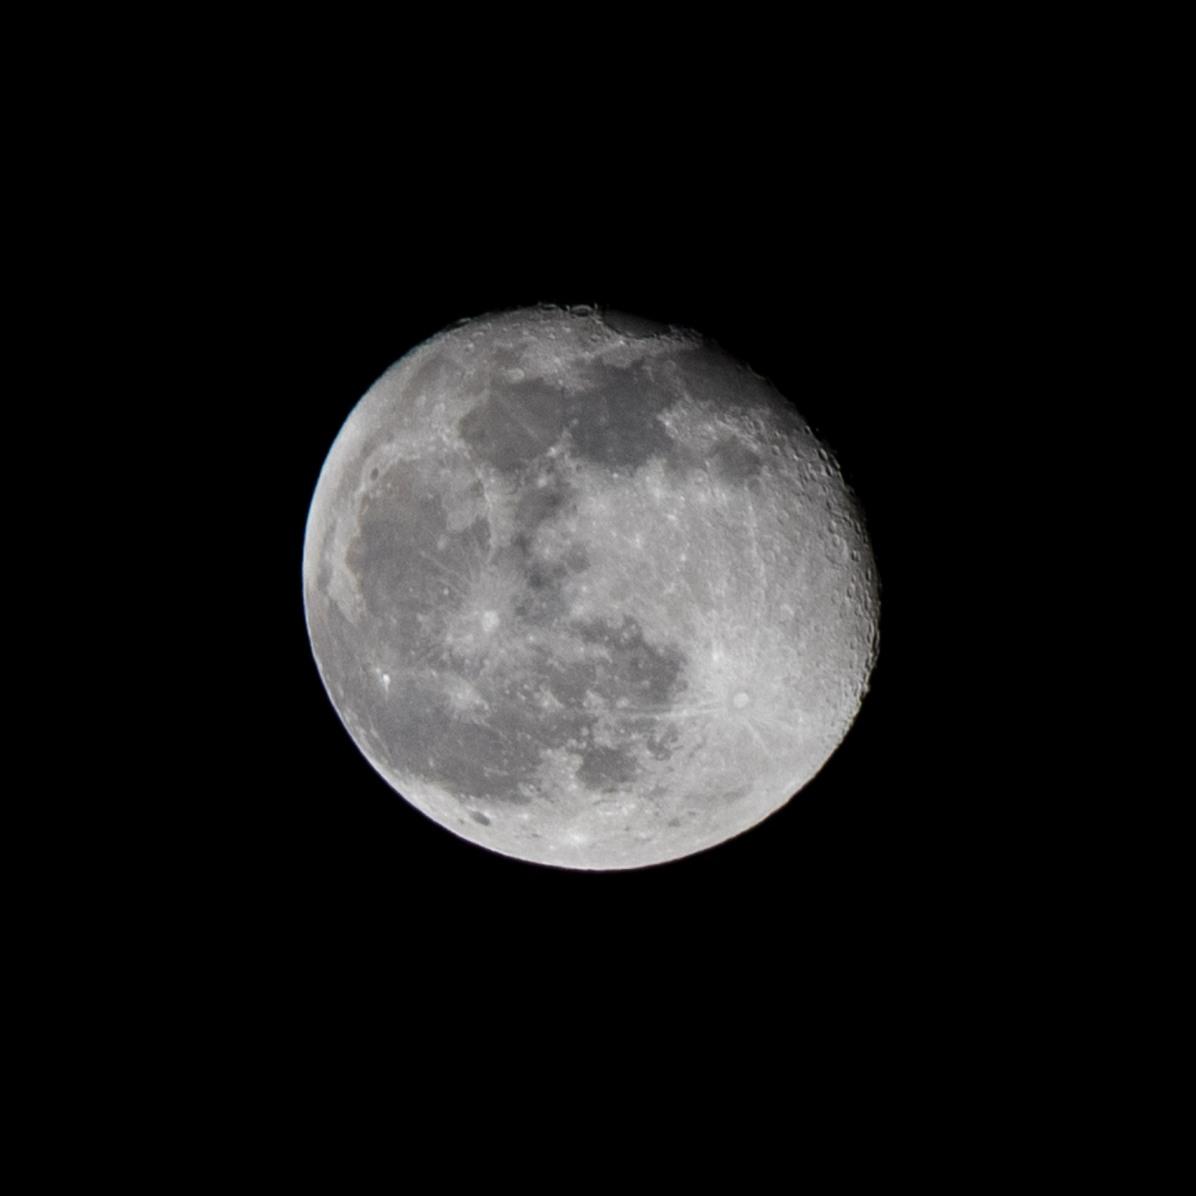 Dag 3 vanaf volle maan. 12-01-2020. De eerste van dit jaar. tijdstip opname 22.35 uur. Maanopkomst 18.57 uur Maanondergang 10.07 uur (Maan 3) Muzieknummer van dag 3: Efterklang, Full Moon. Deze is aangeleverd door Wilfred Gonçalves, dank je wel. Je hebt me het afgelopen jaar met heel veel nieuwe muziek laten kennismaken, en dit is er één van! ♡♡♡ De Moonsongs-playlist: https://open.spotify.com/playlist/4som6hoVBAn8mI5Jabtm2o